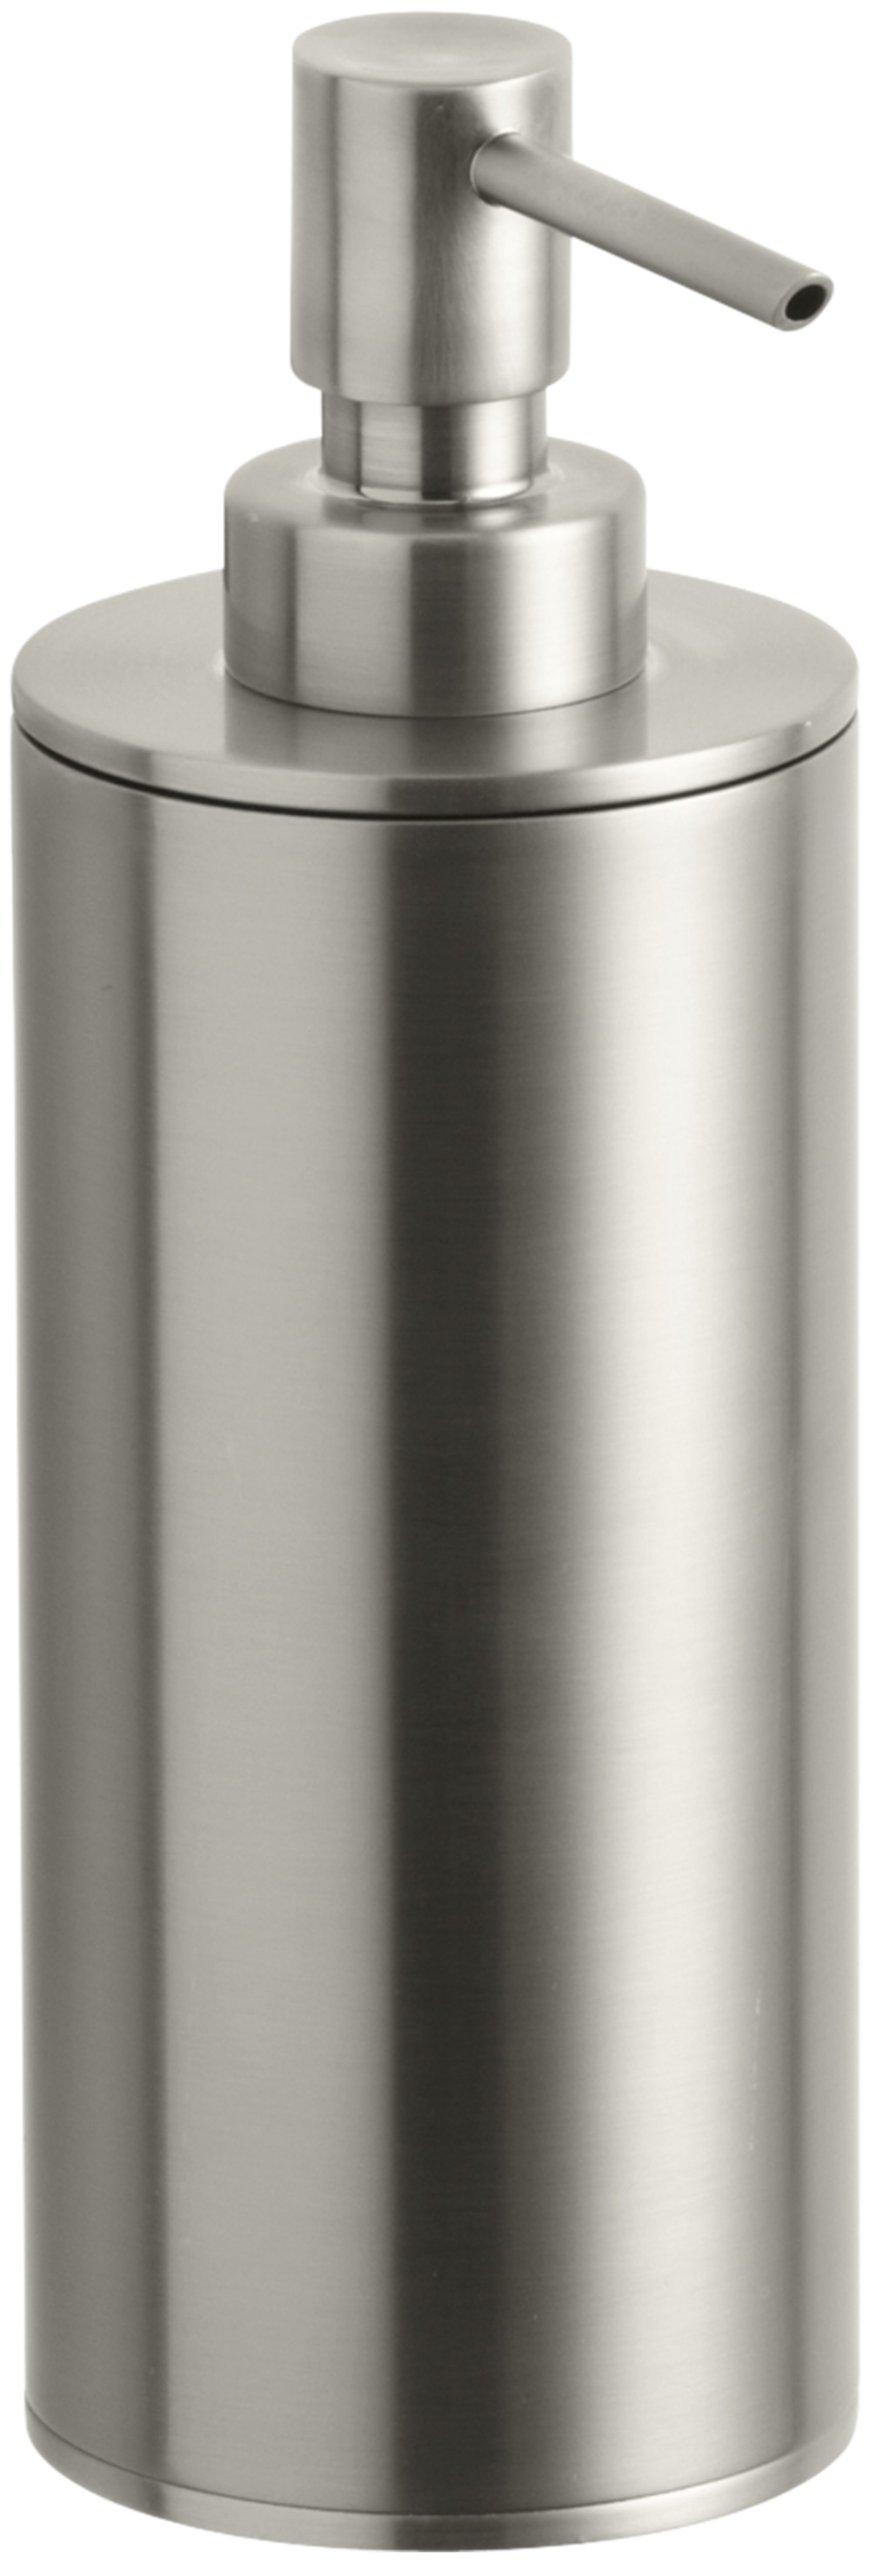 Kohler K-14379-BN Purist Countertop Soap Dispenser, Vibrant Brushed Nickel